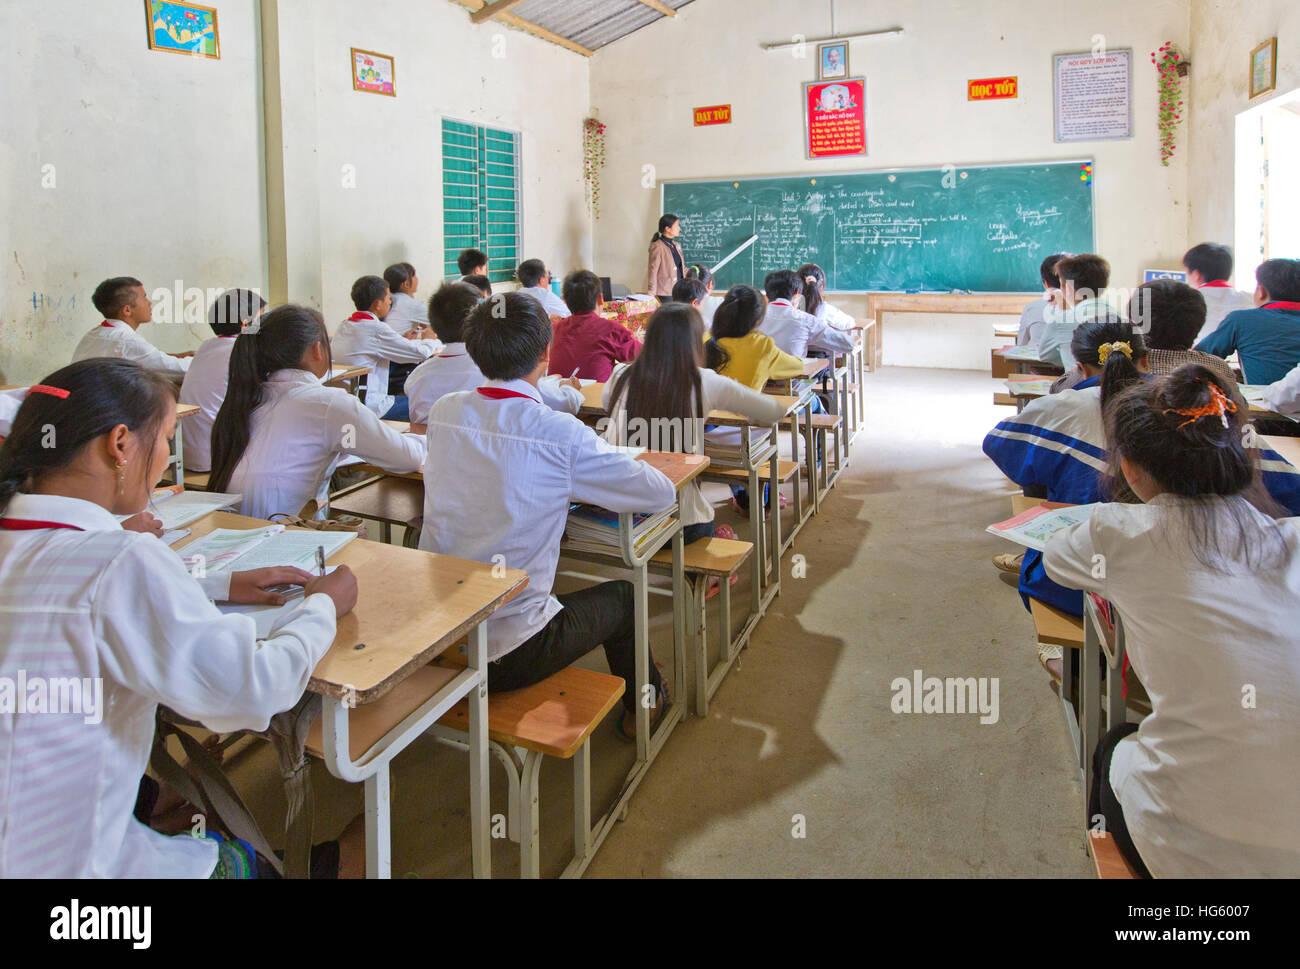 Schüler, Klassen, Lehrer unterrichten Englisch Lektion. Stockfoto